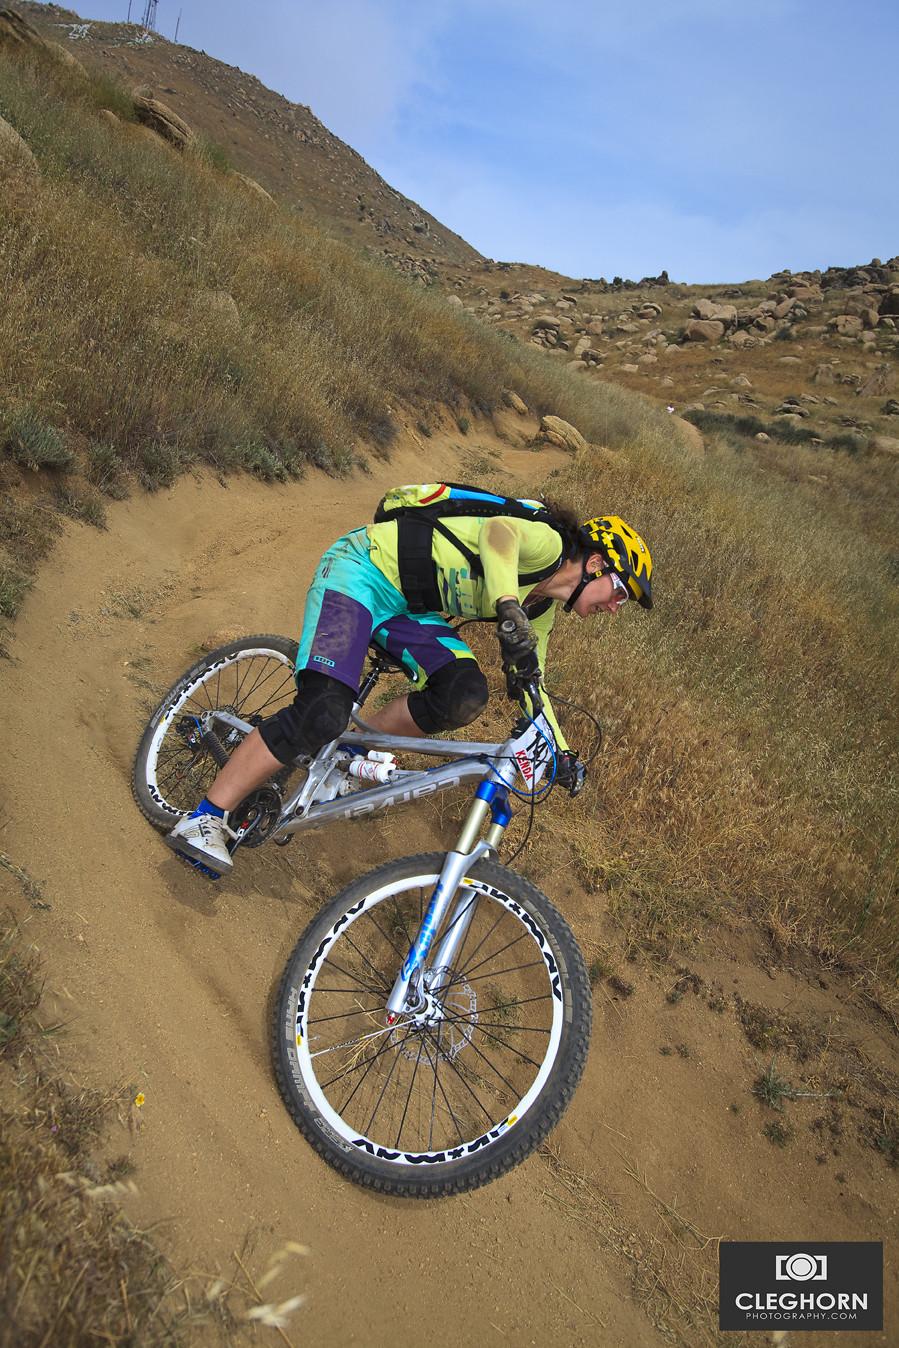 Steffie Teltscher - Cleghorn Photography - Mountain Biking Pictures - Vital MTB